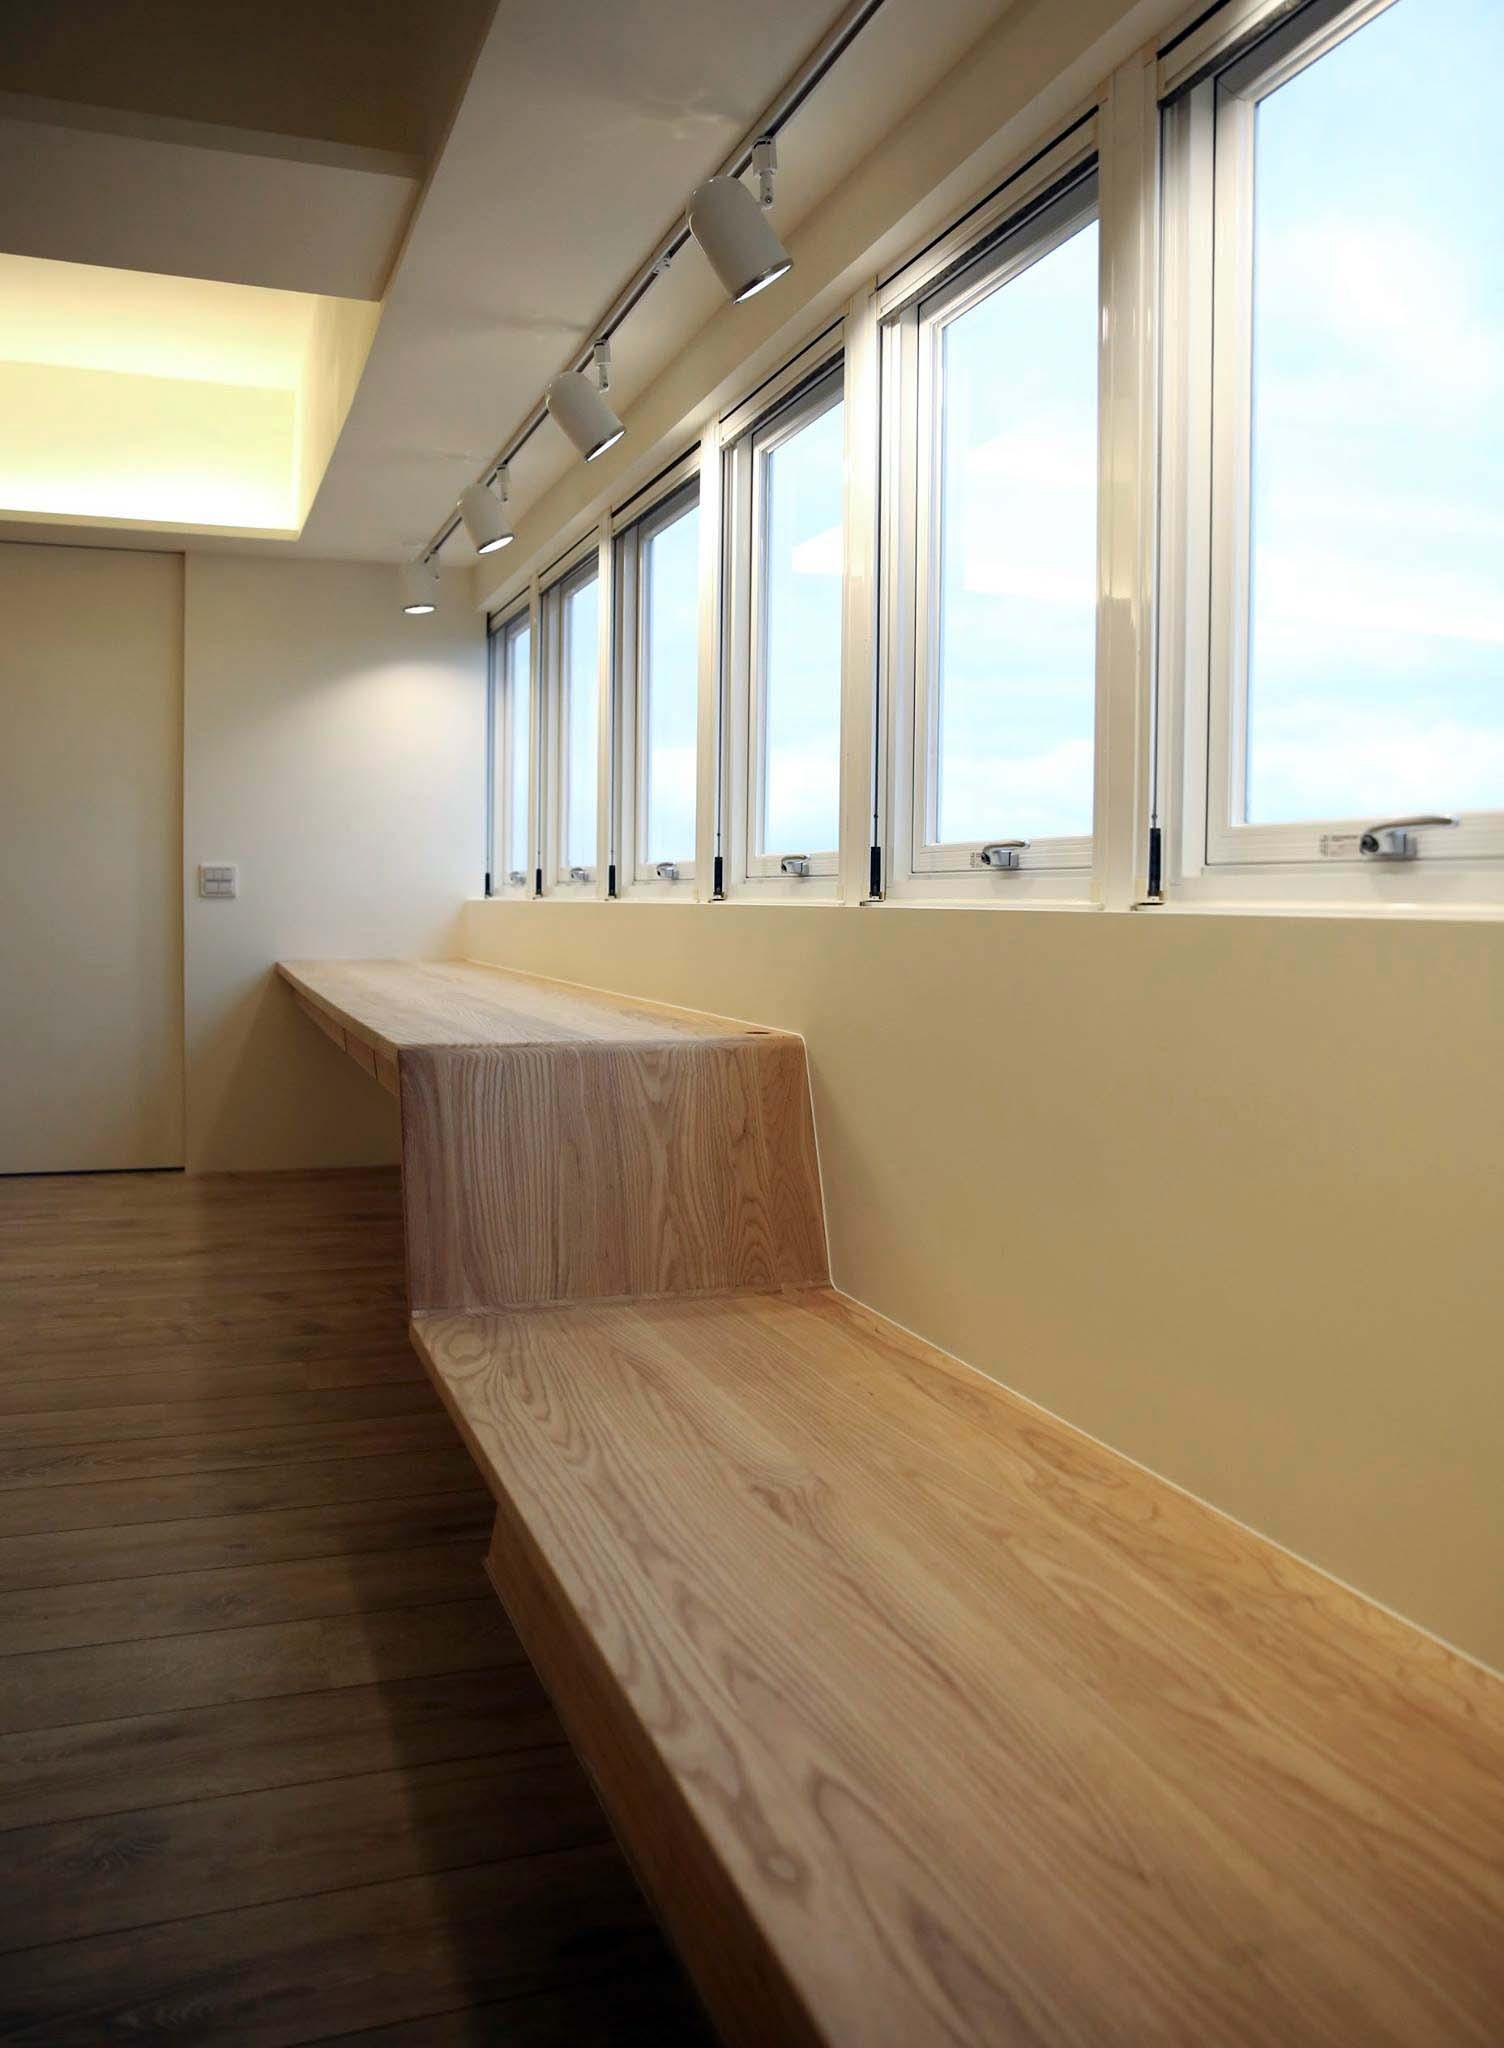 窗邊連貫的平台成為男女主人的閱讀書桌與休憩平台